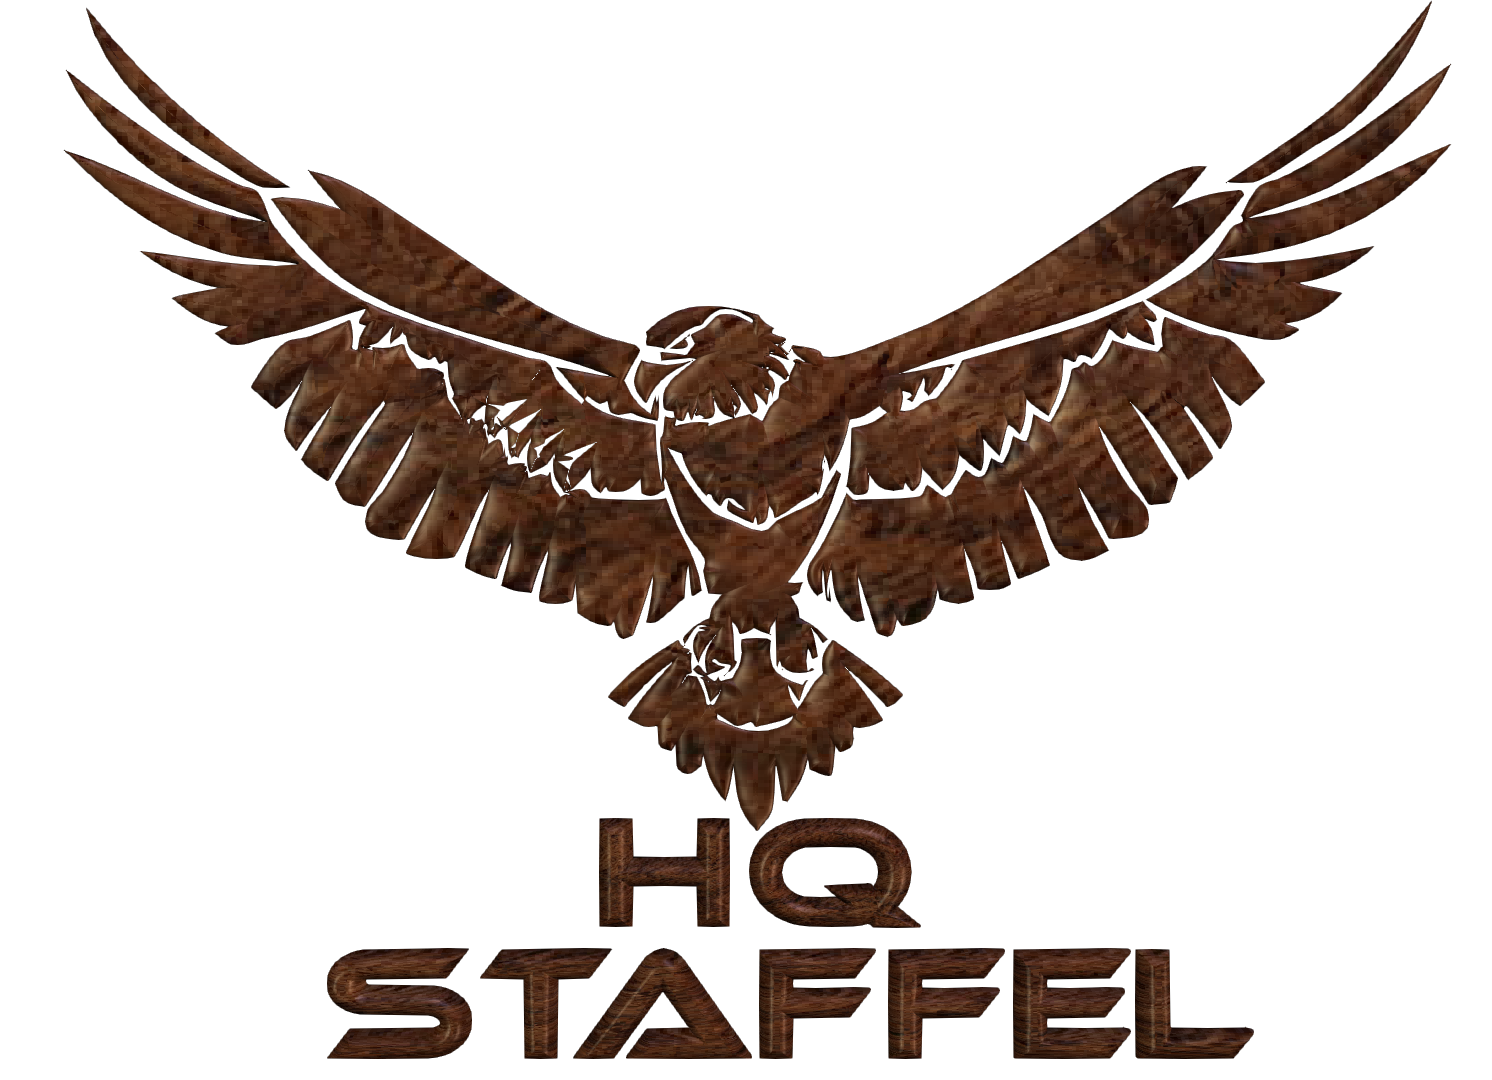 HQ-Staffel-Logo_Adler_02_Holz_03.png